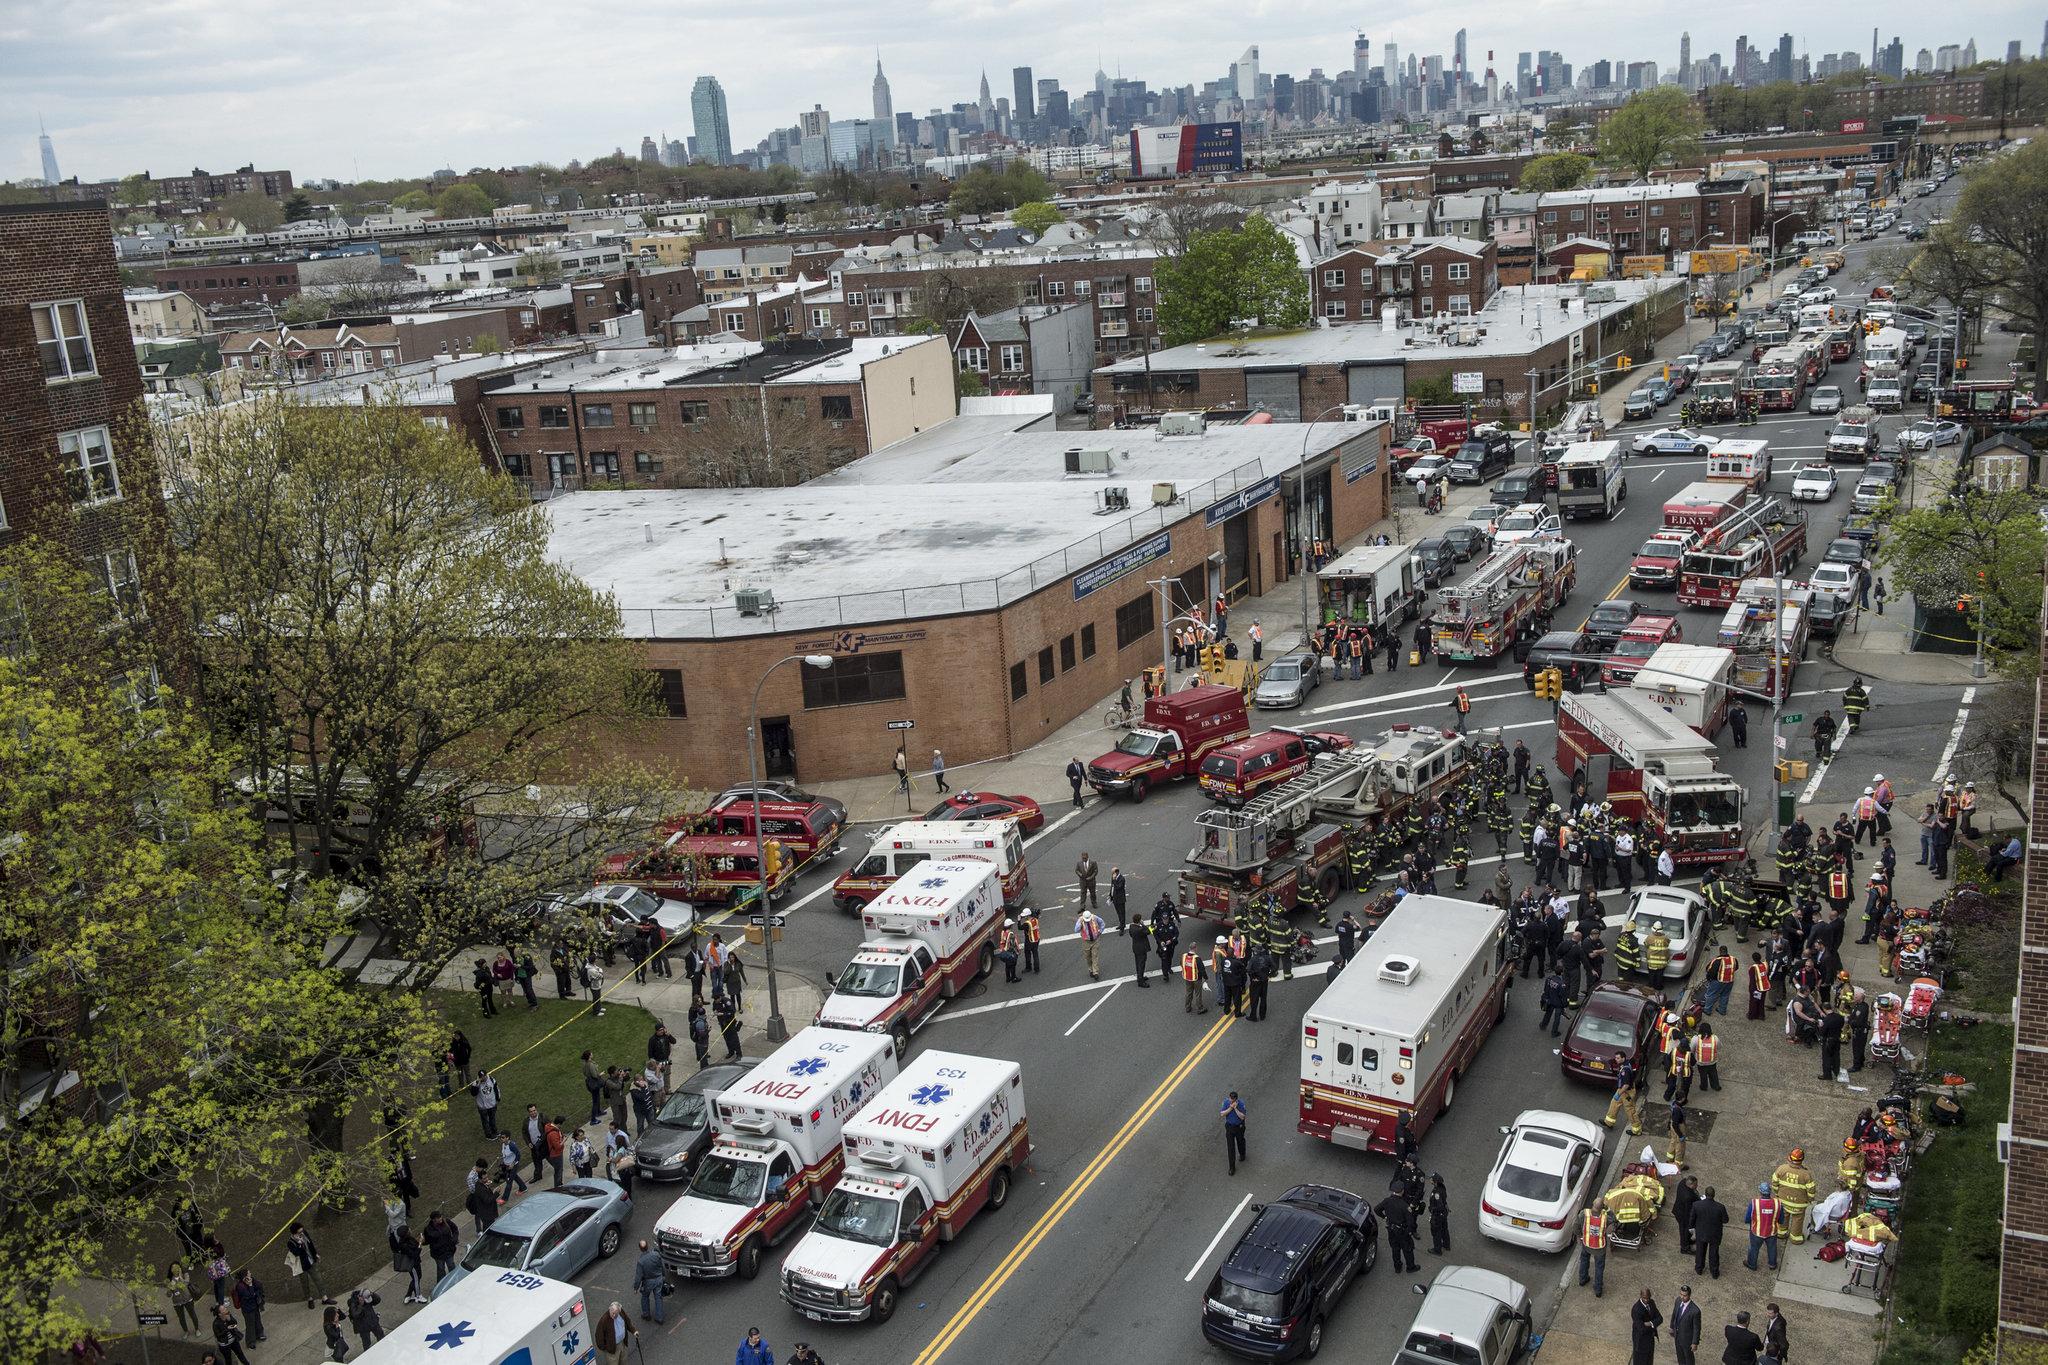 Εκτροχιασμός συρμού του μετρό στη Νέα Υόρκη -Τουλάχιστον 19 τραυματίες [εικόνες]